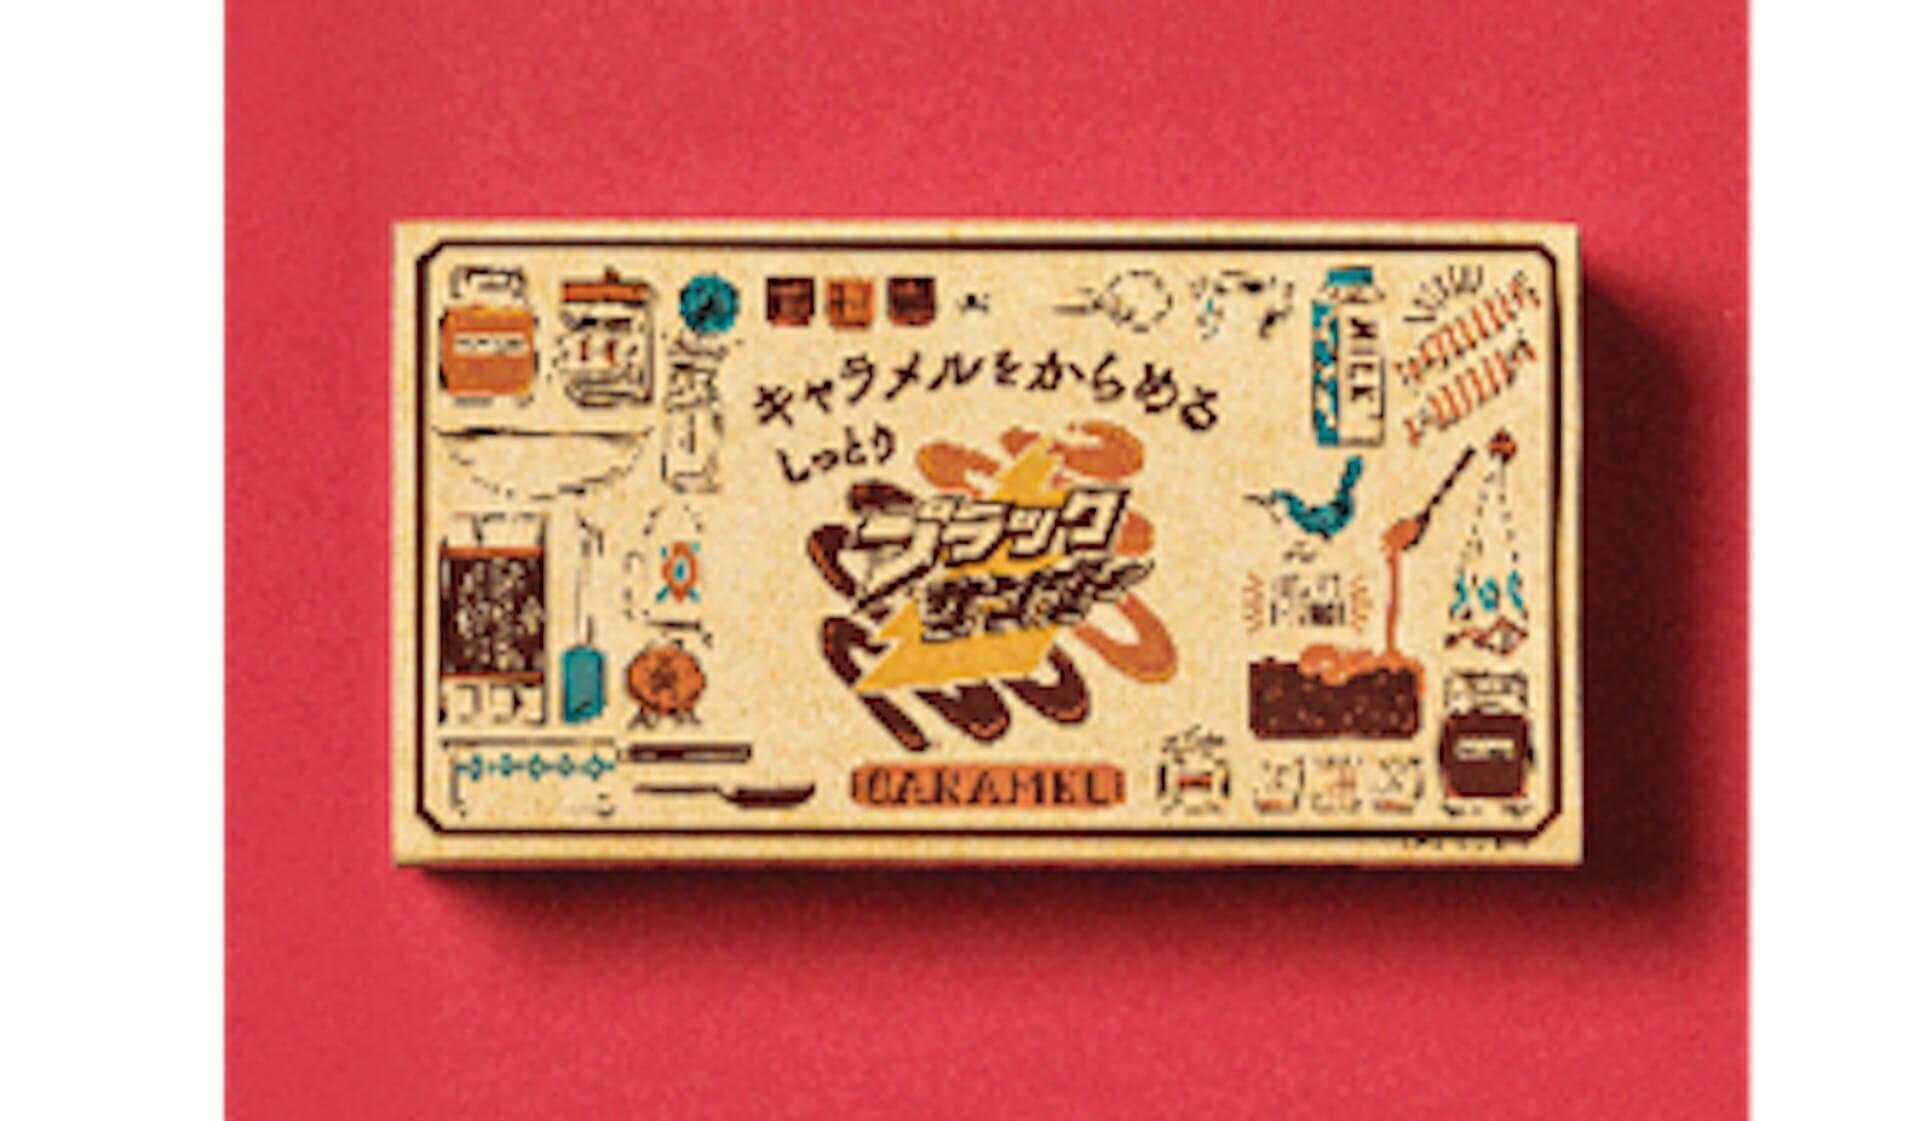 ブラックサンダーシリーズからバレンタイン限定商品が登場!クリーミーな生チョコや新食感のソースがけチョコが発売 gourmet210126_blacksanda_valentine_3